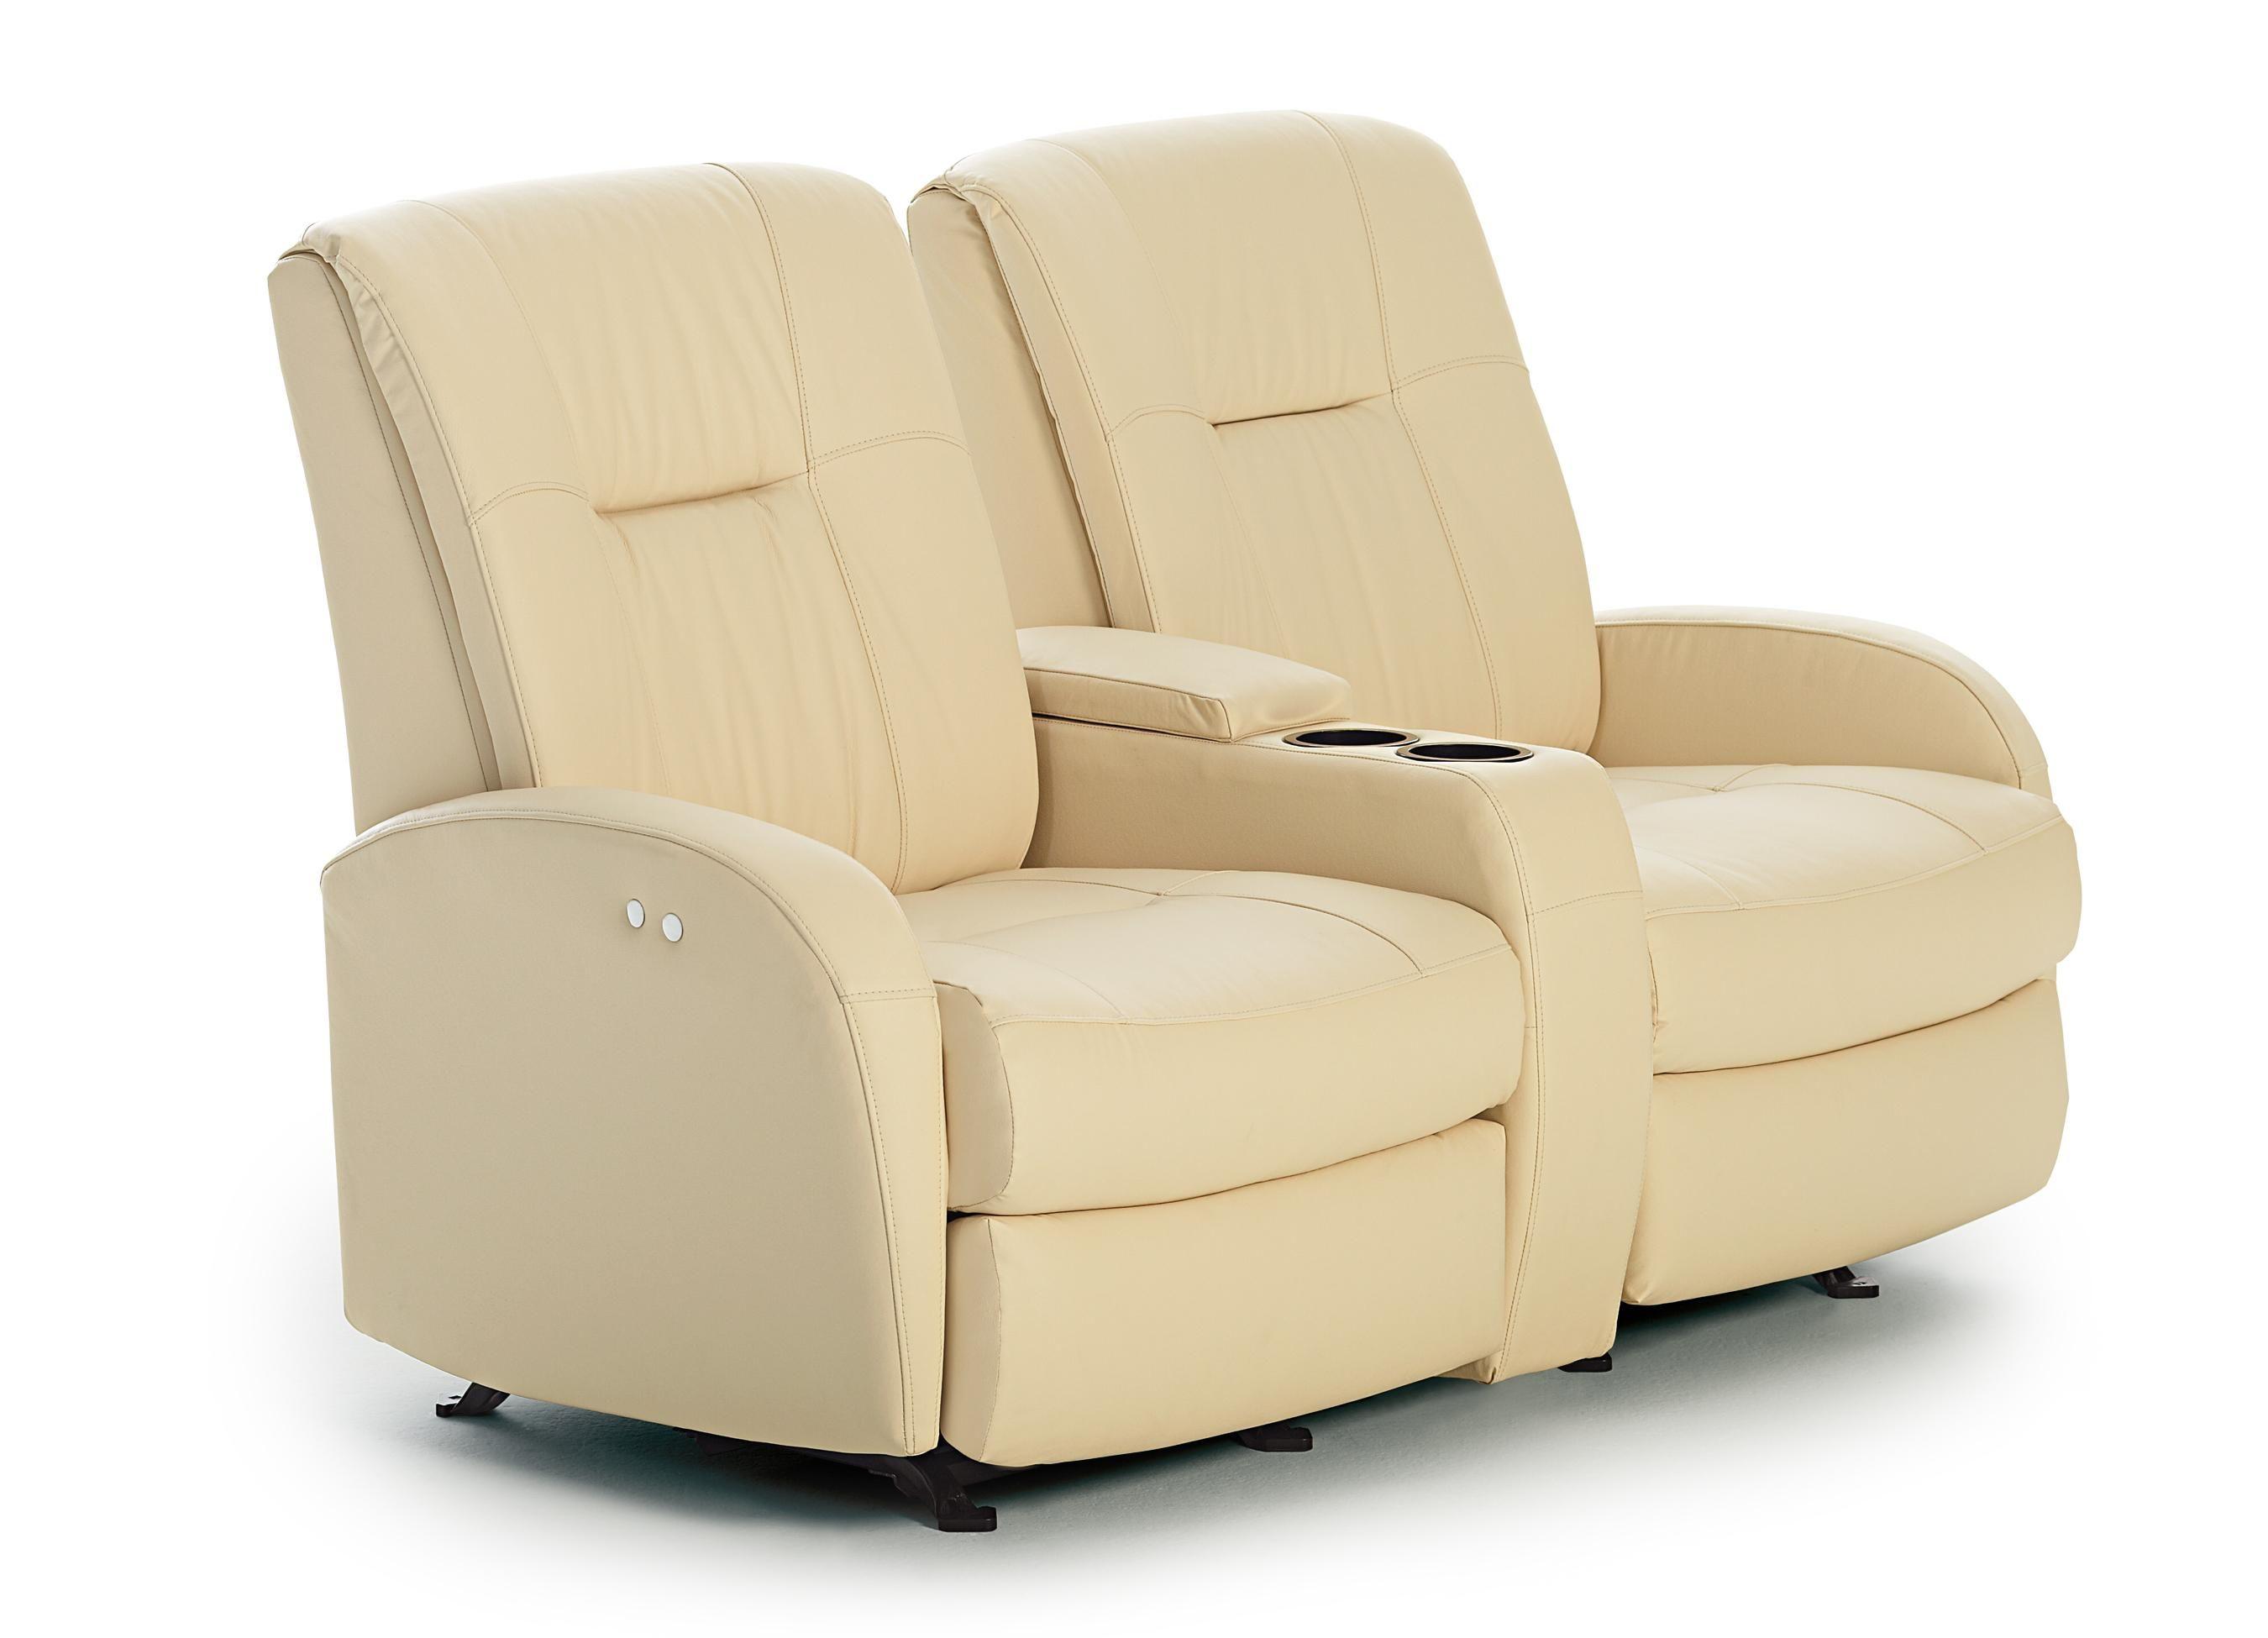 nice Rocker Recliner Loveseat , Luxury Rocker Recliner Loveseat 47 On  Contemporary Sofa Inspiration with Rocker